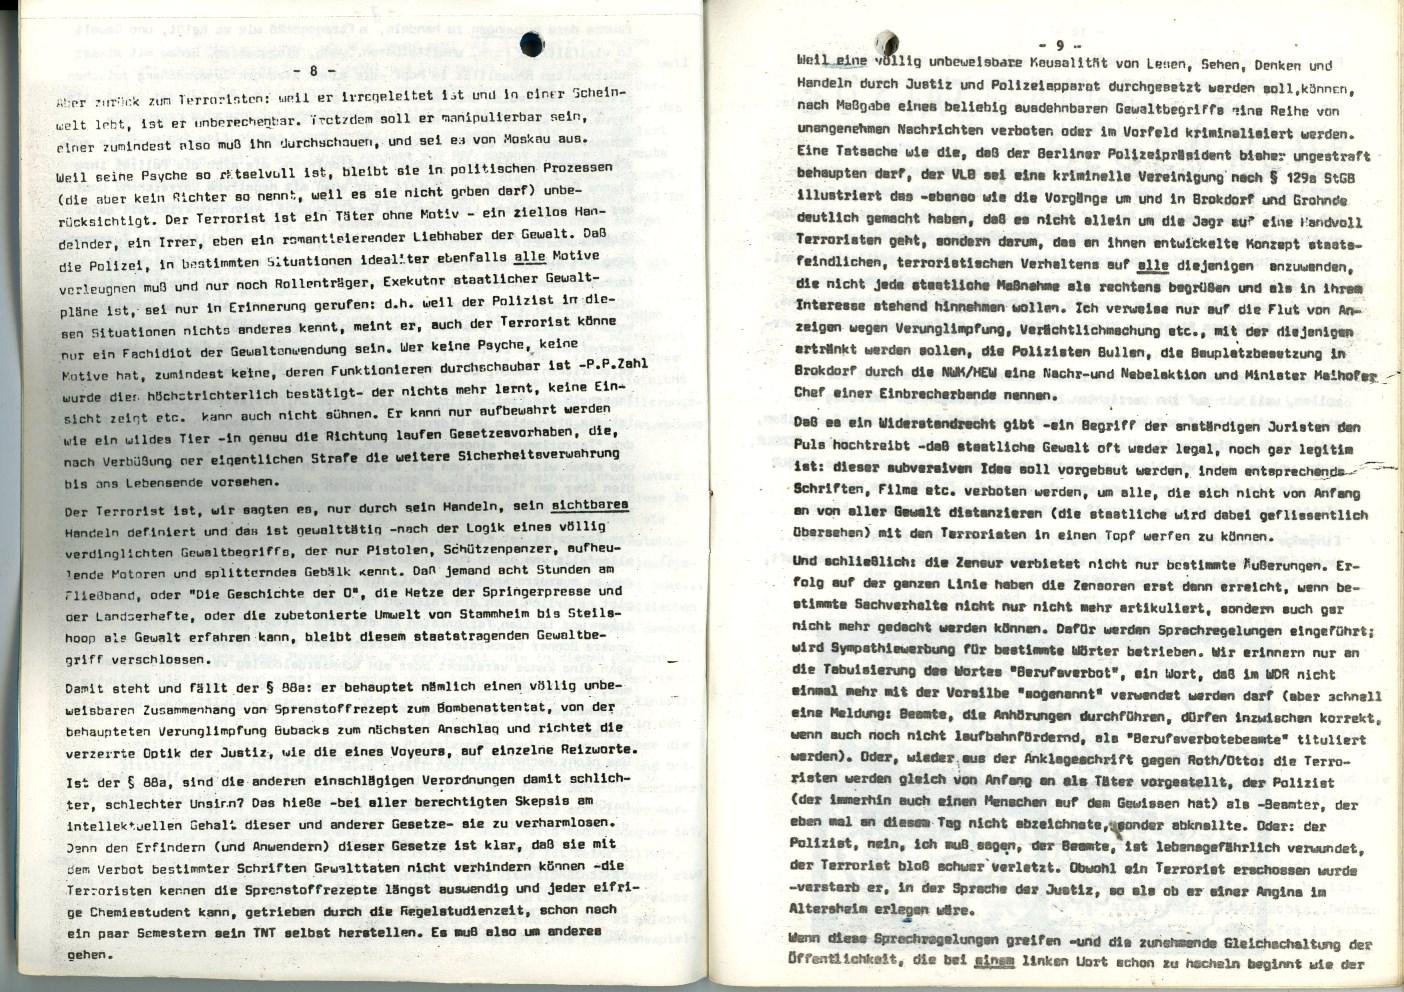 Hamburg_Vorbereitungsgruppe_Russell_Tribunal_Zensur_1978_05